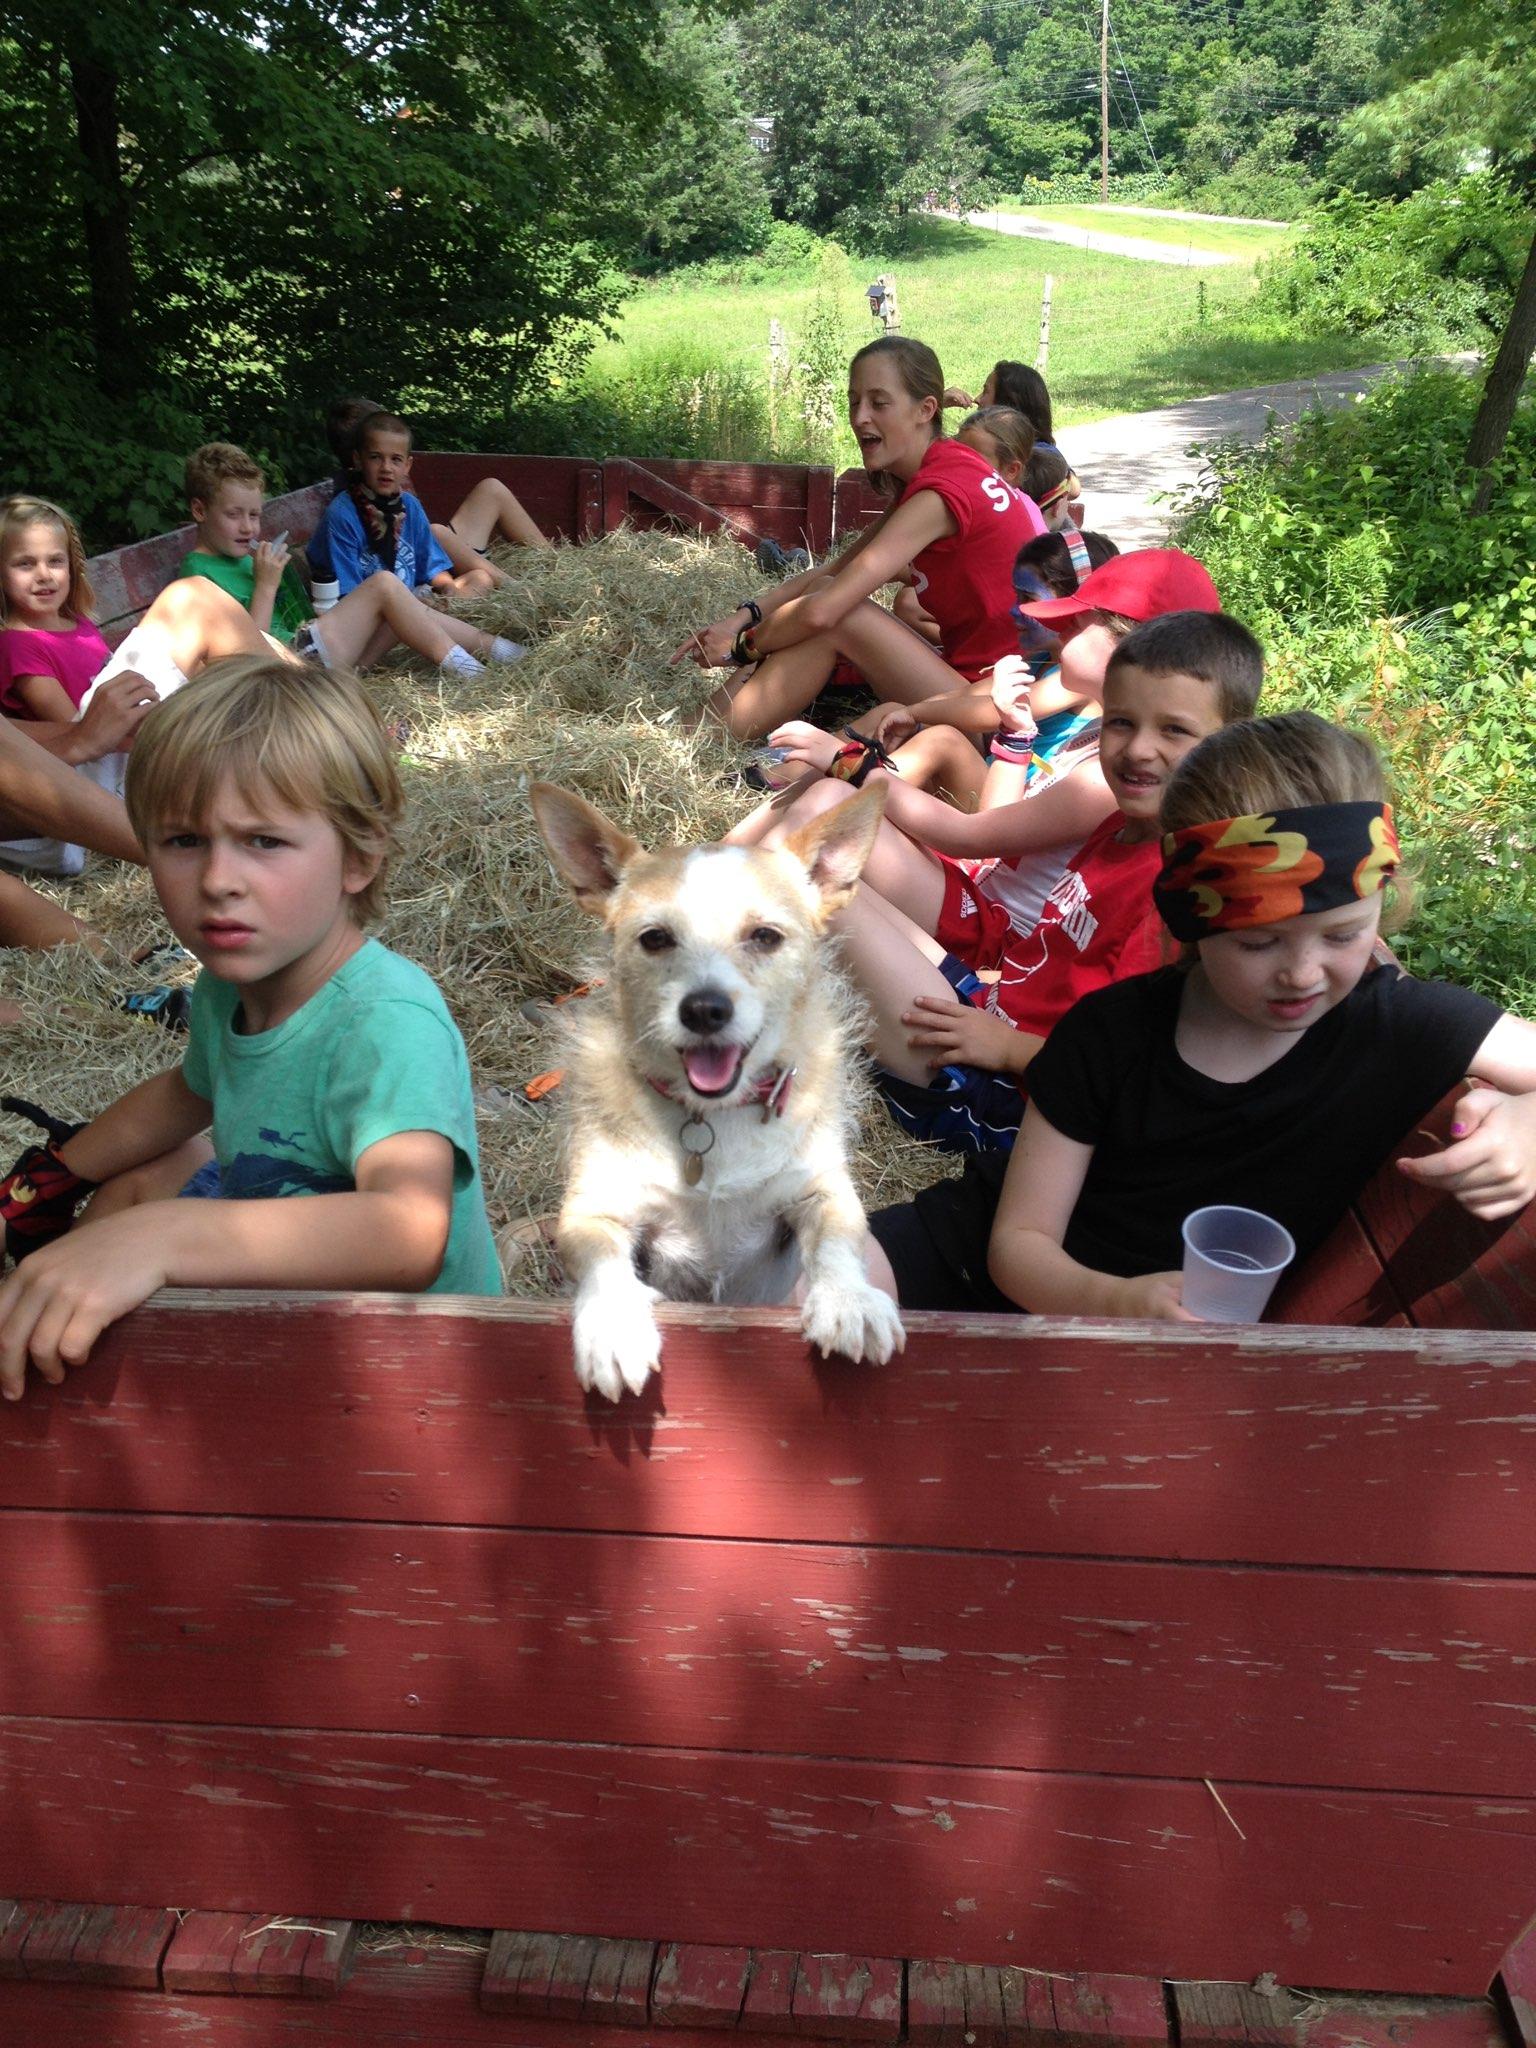 Kids on hayride